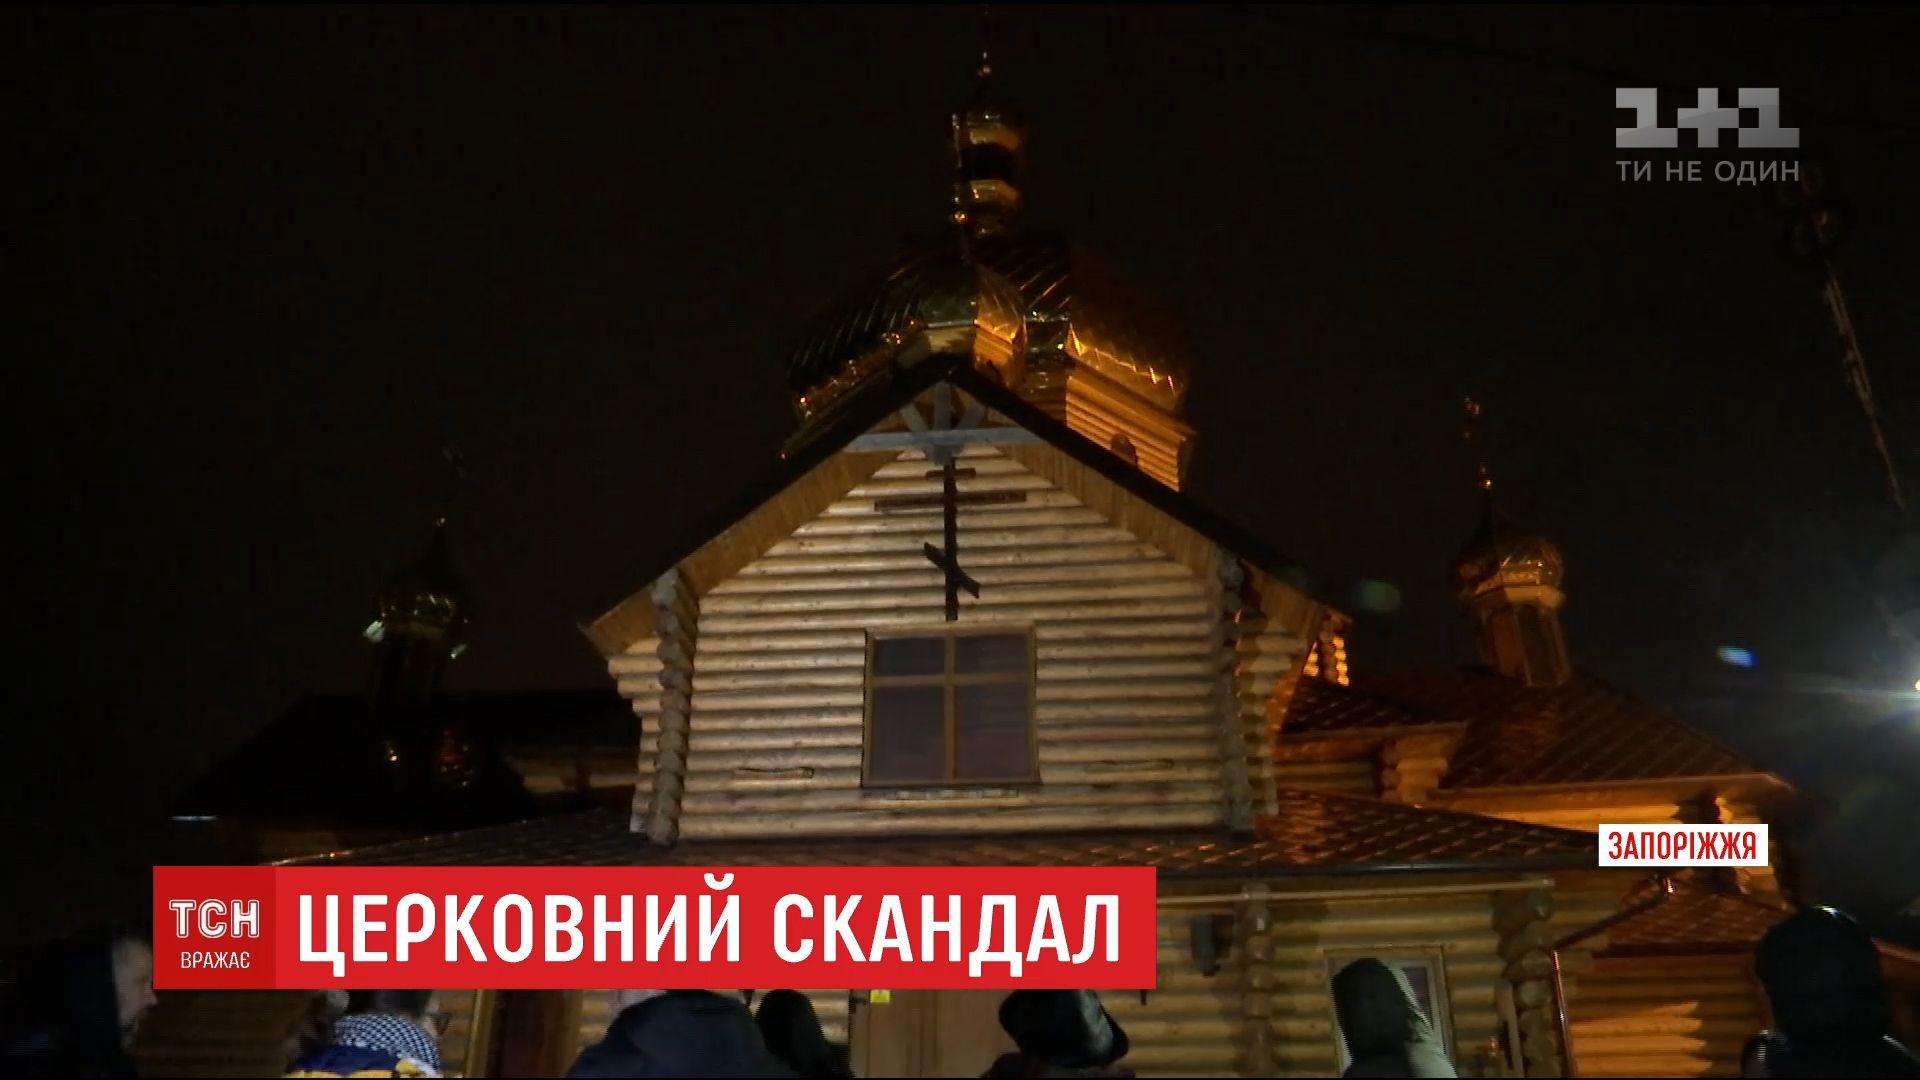 Боєць АТО, якого напередодні побили біля церкви МП, розповів про пережите / скріншот